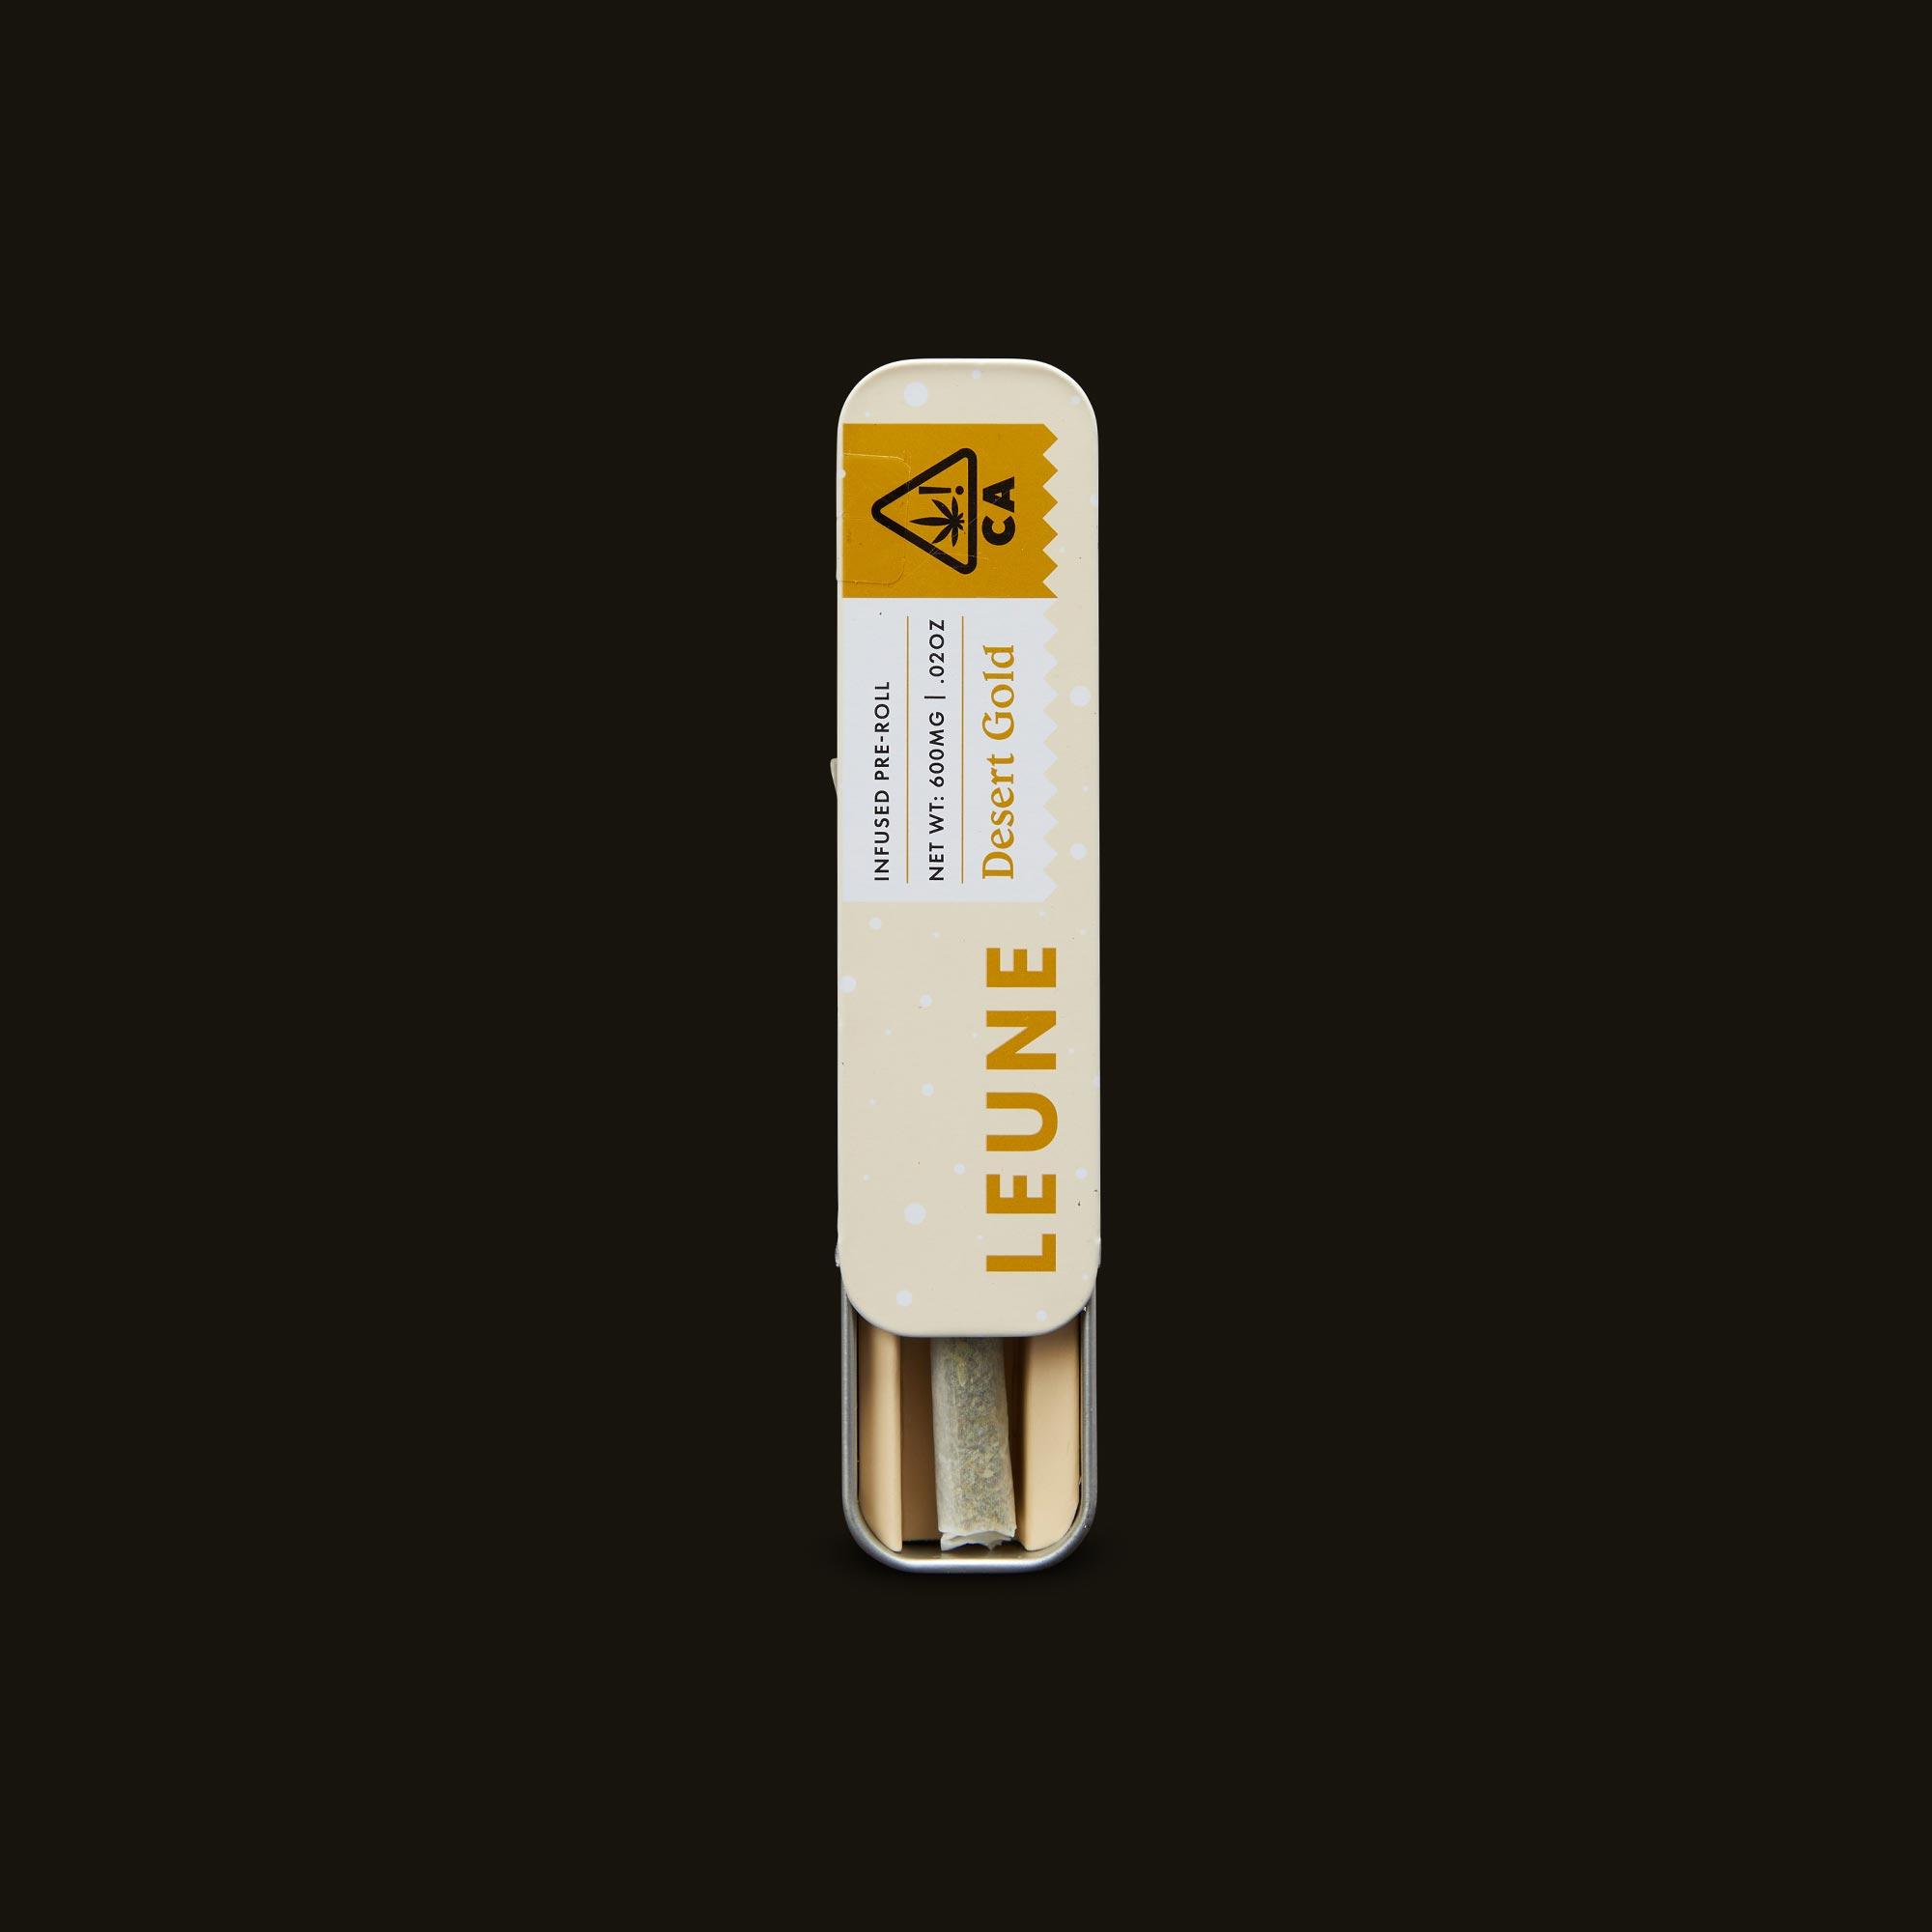 LEUNE Desert Gold Pre-Roll Open Packaging